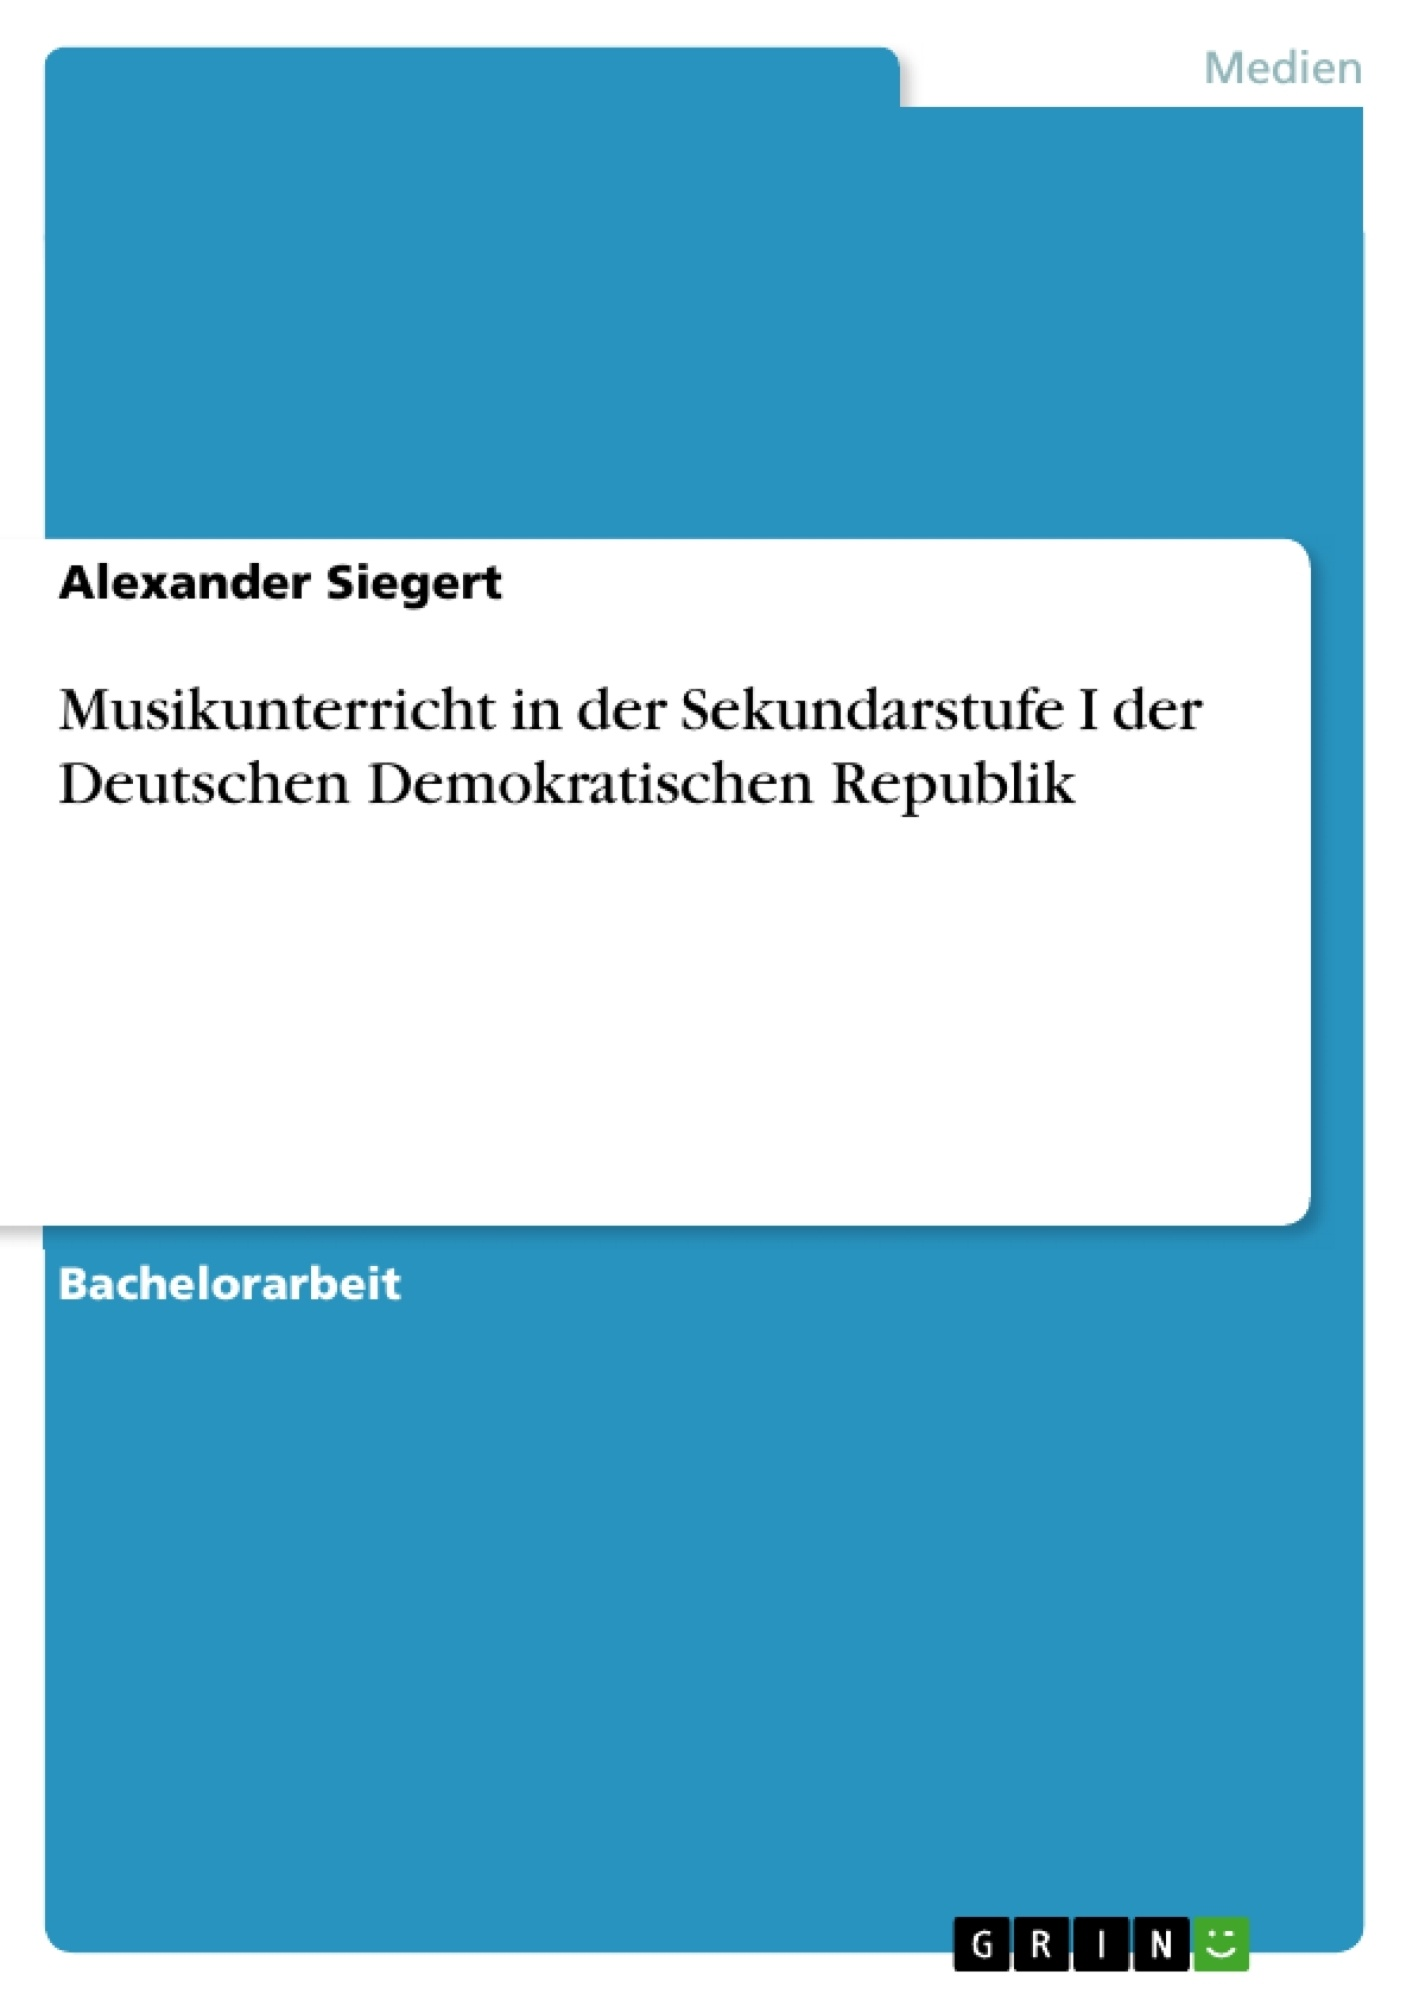 Titel: Musikunterricht in der Sekundarstufe I der Deutschen Demokratischen Republik